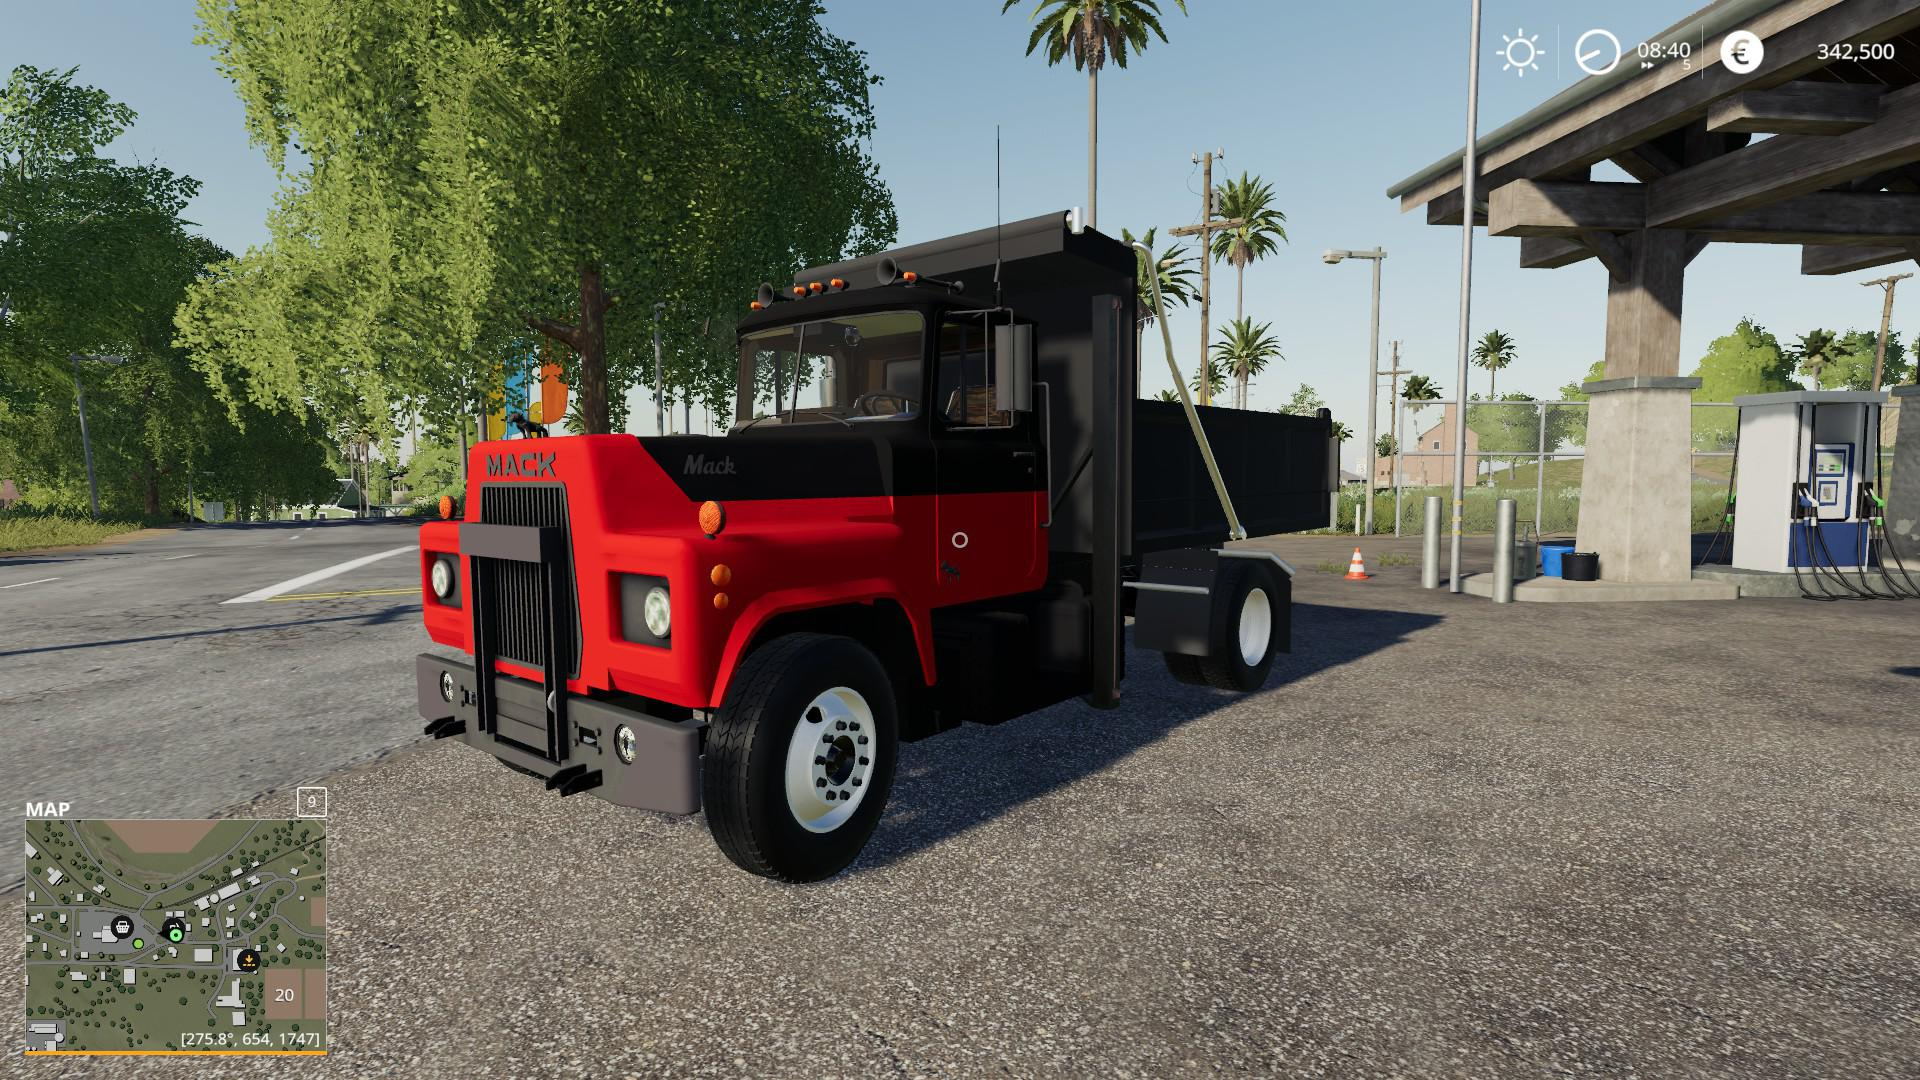 FS19 - Mack R Dump Truck V1.0